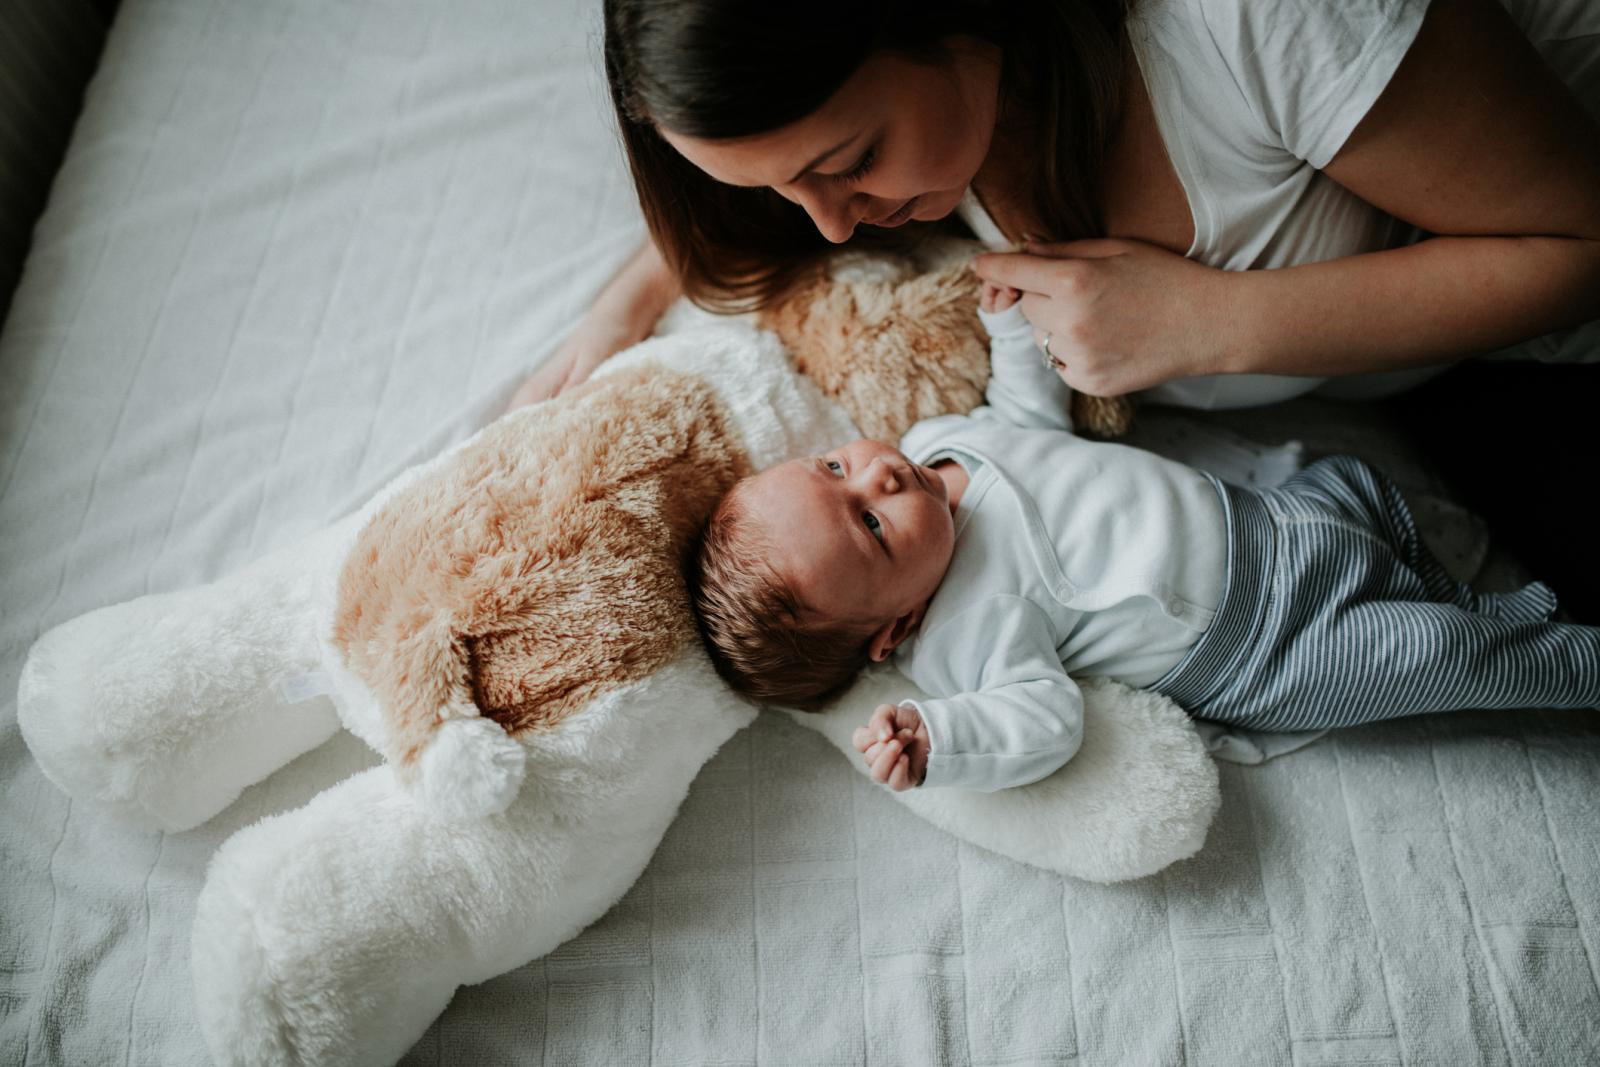 Nove preporuke kažu da temperaturu treba snižavati tek kad dijete pokazuje znakove klonulosti i promjene raspoloženja.